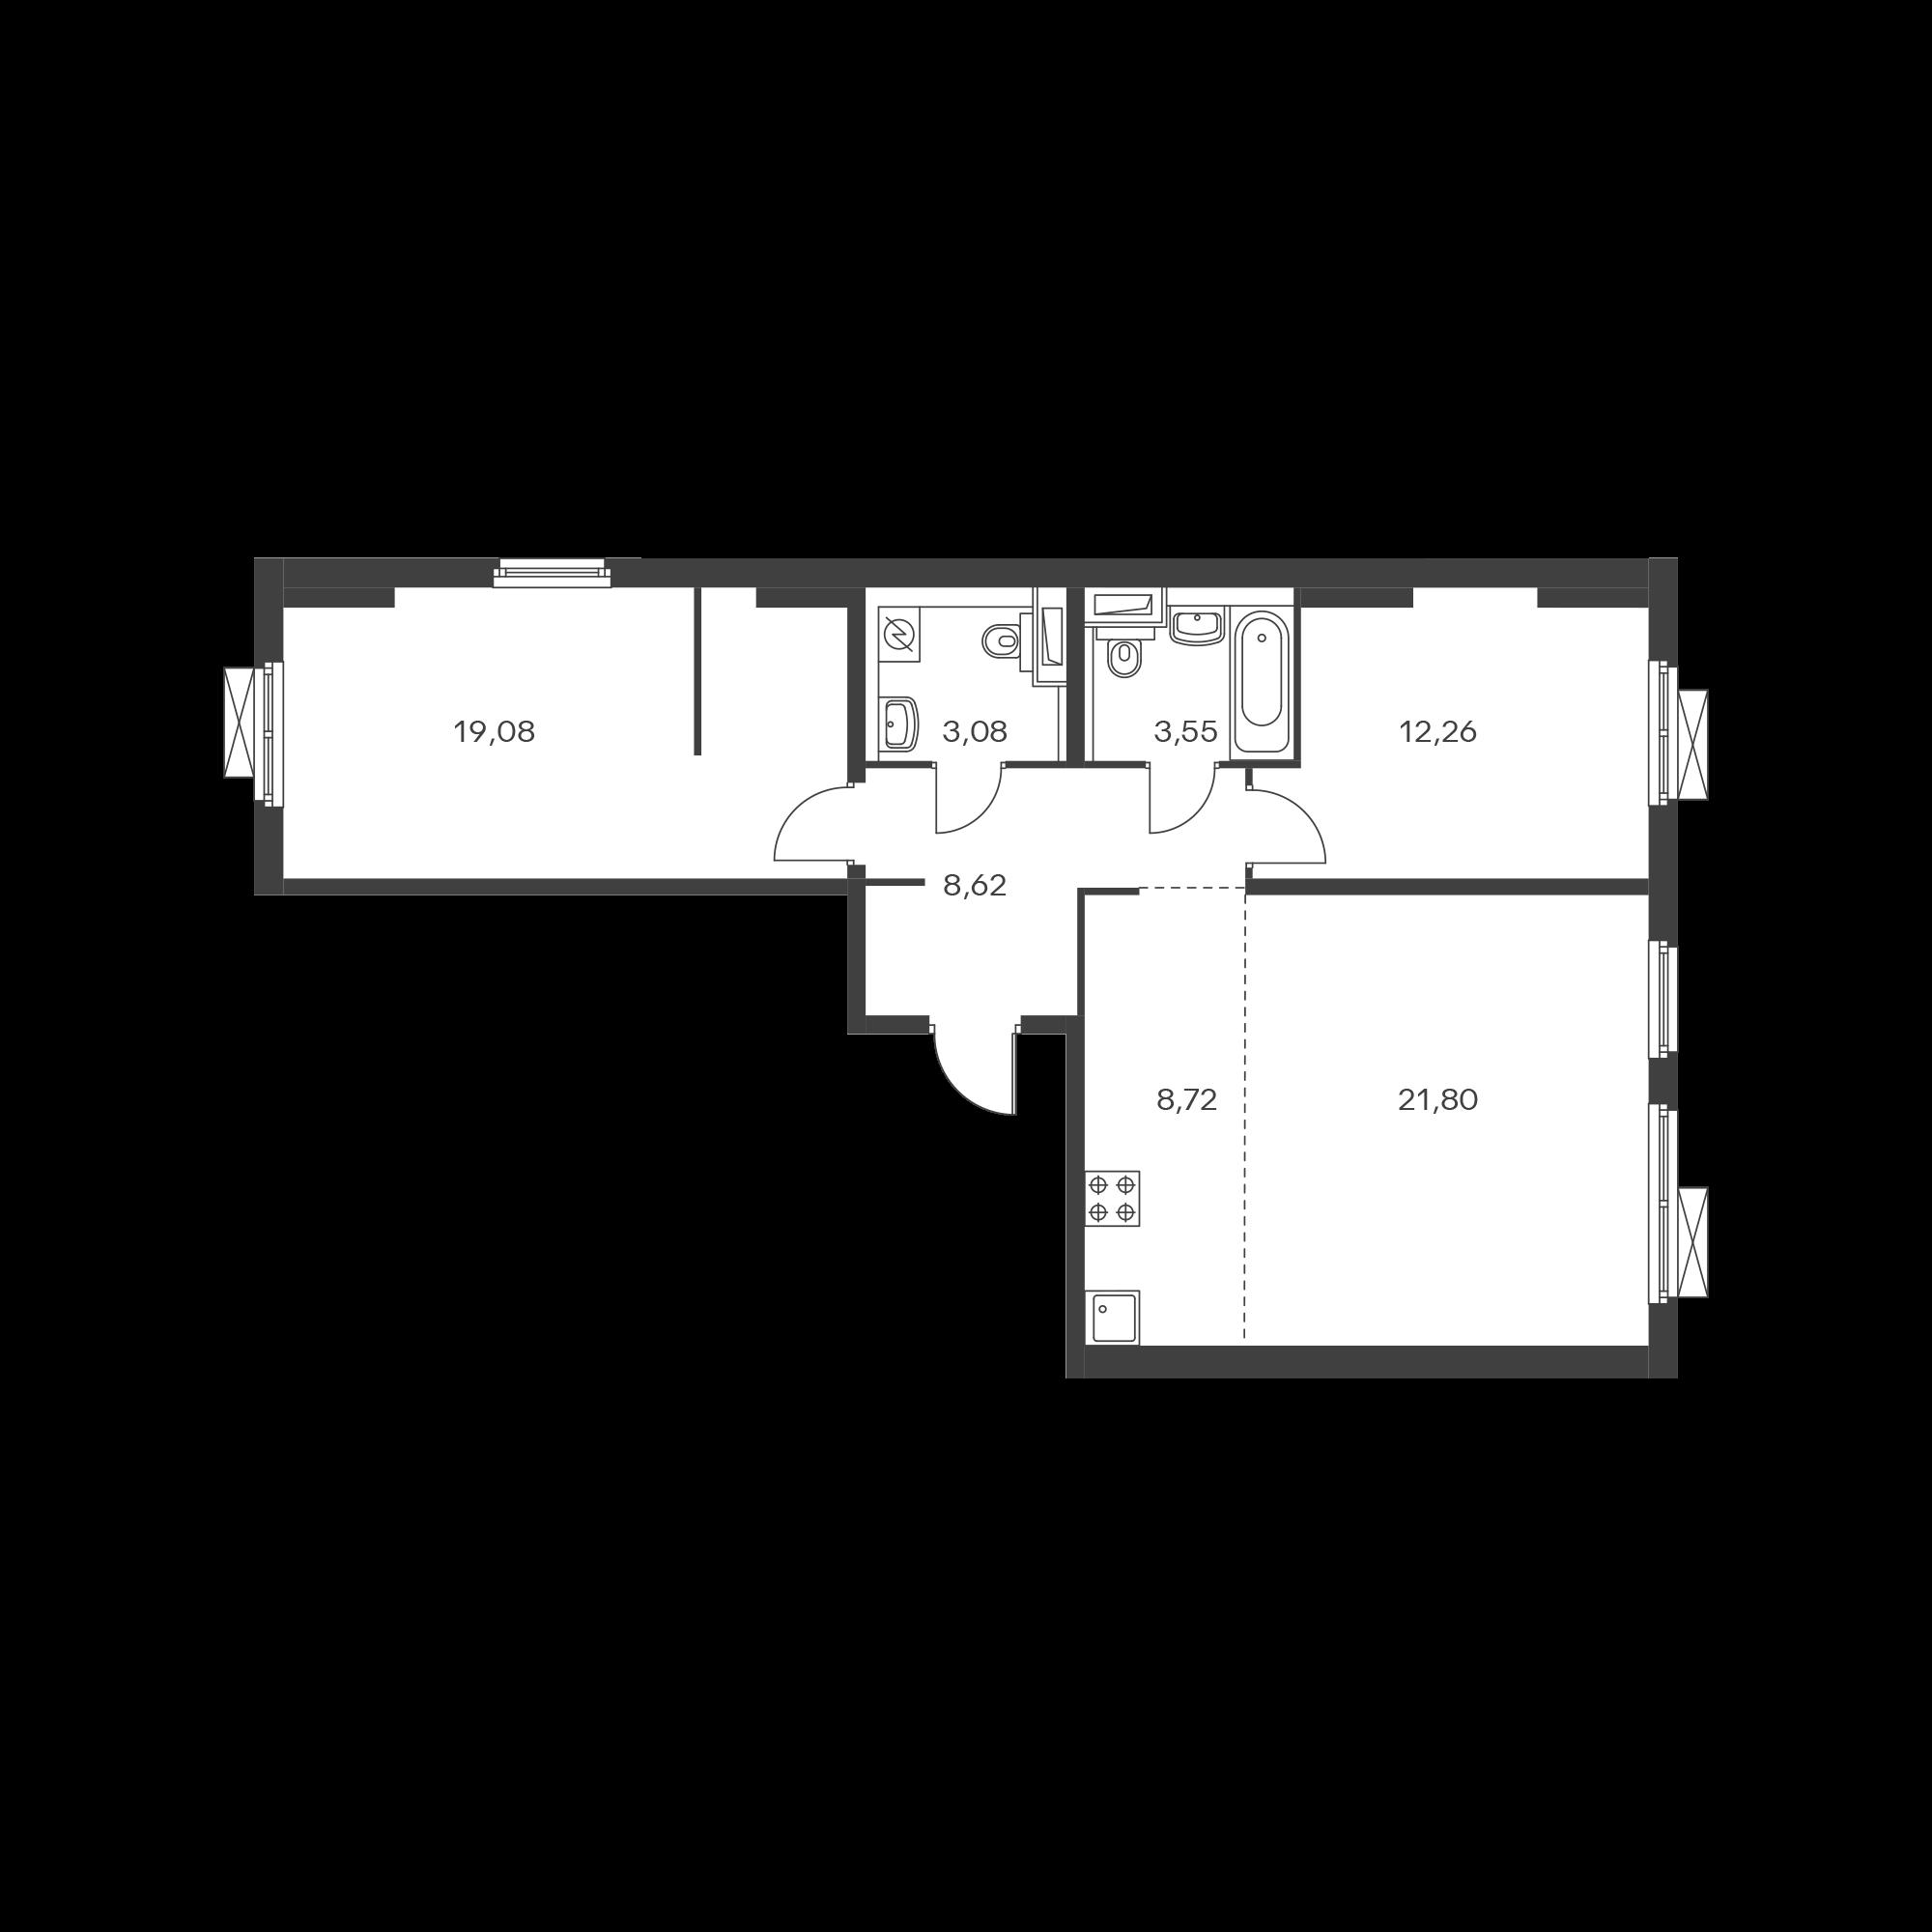 3-комнатная 77.11  м²